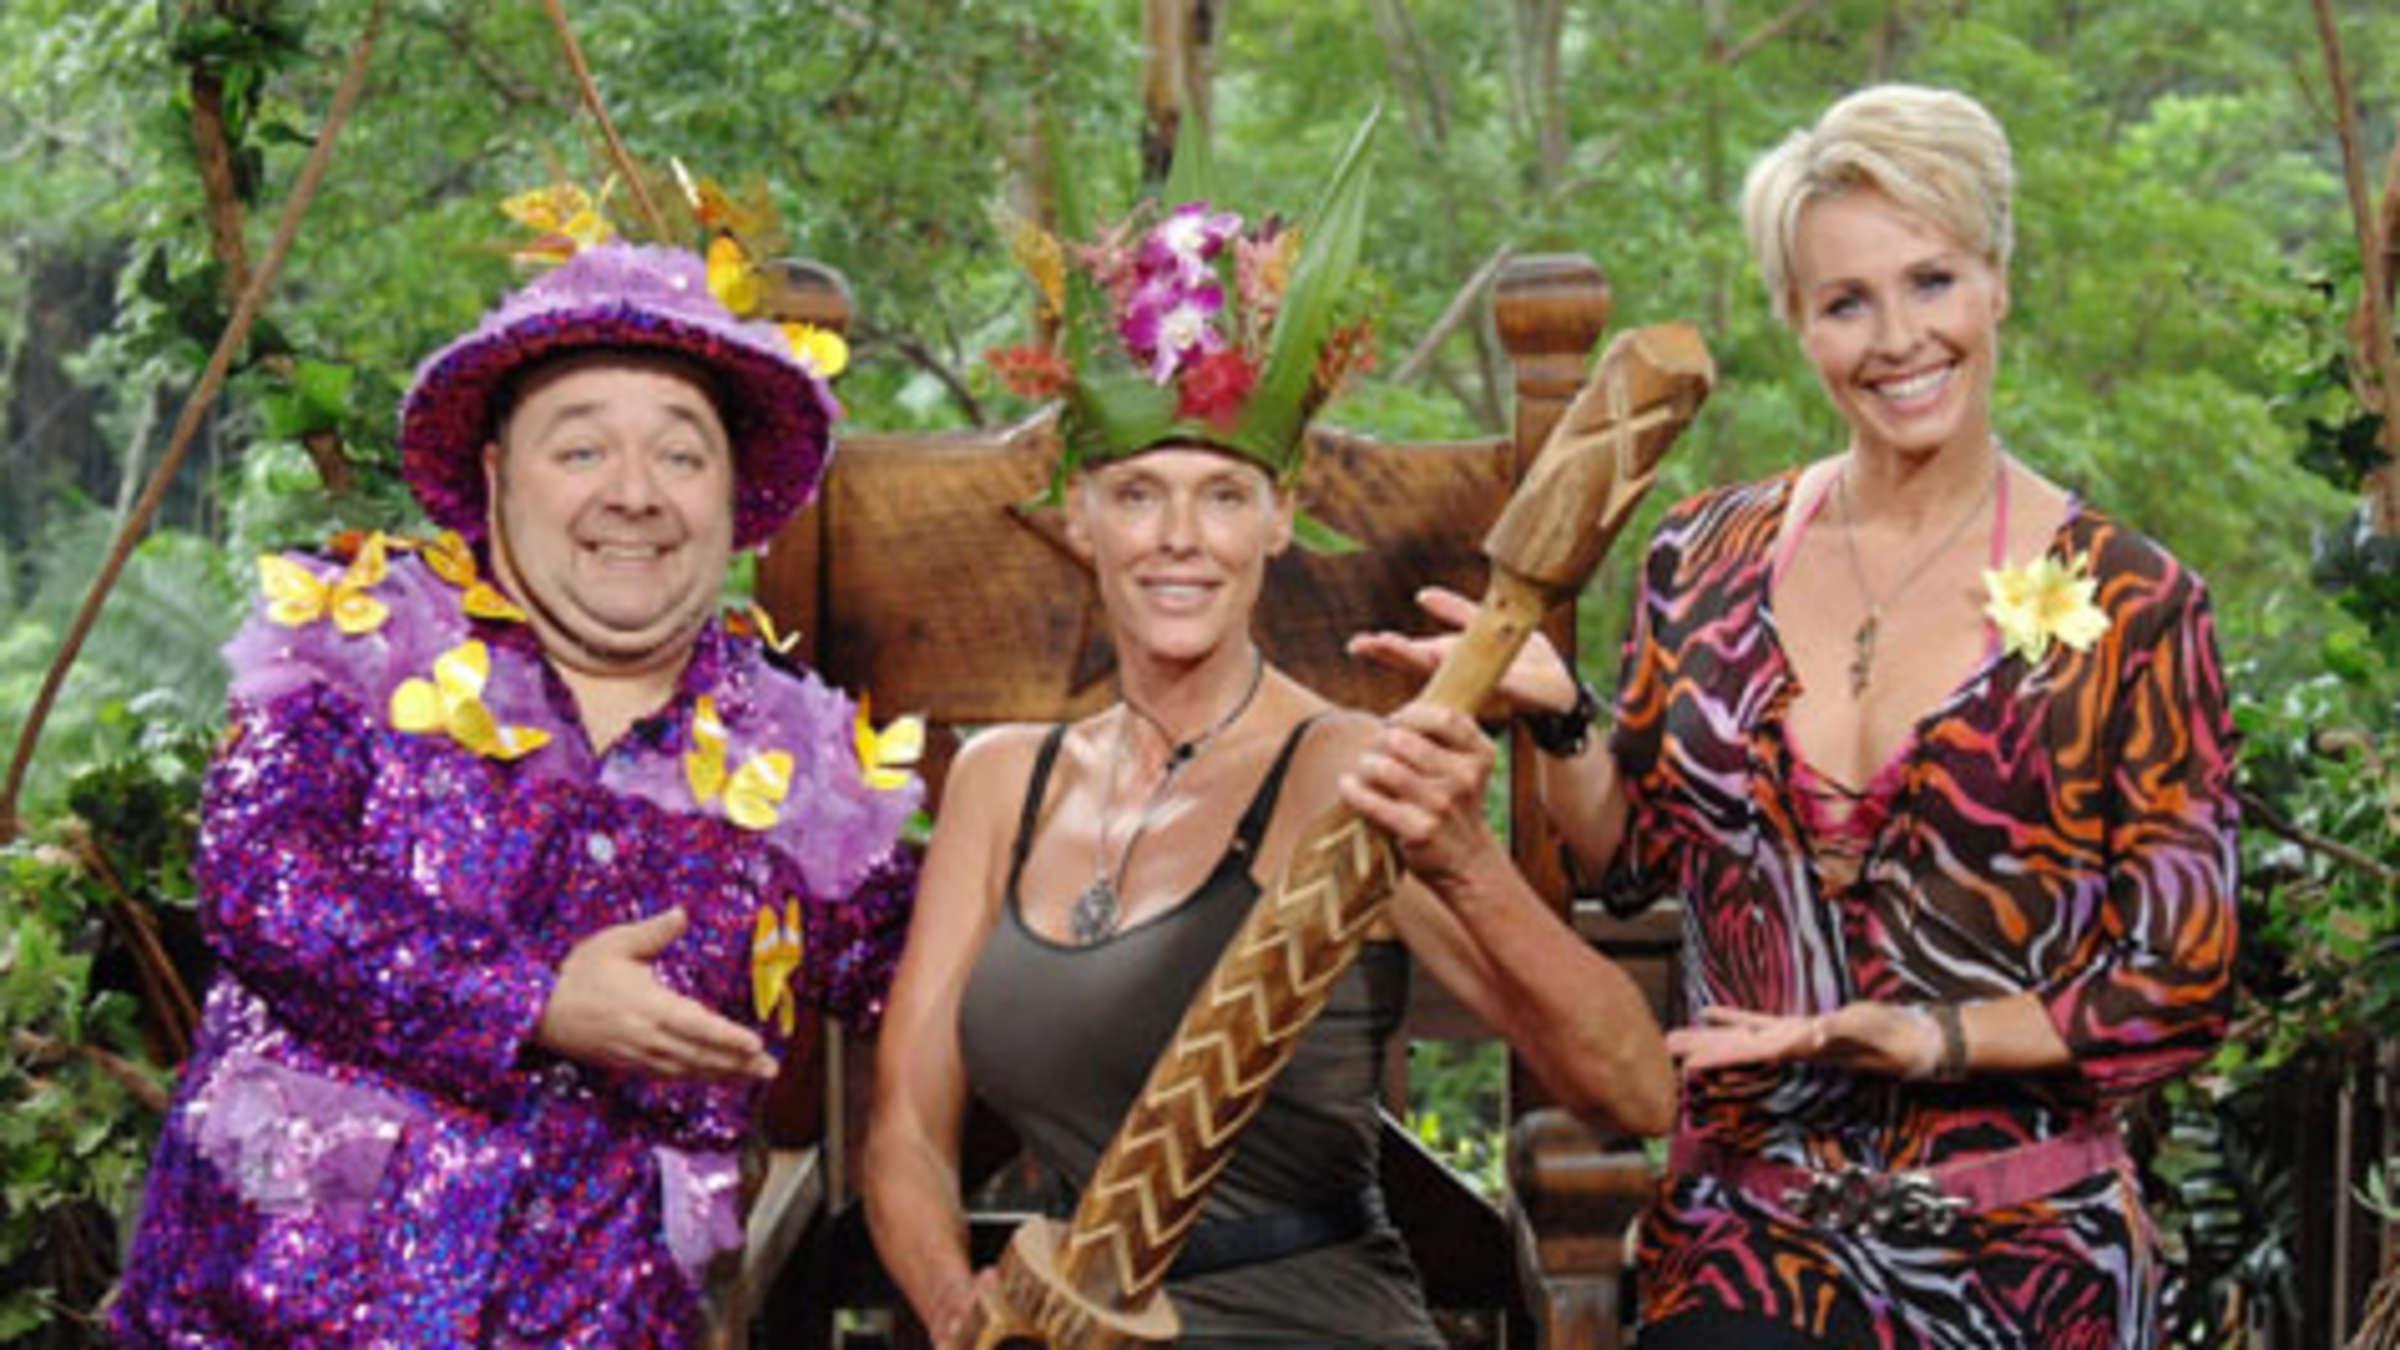 Rtl Brigitte Nielsen Ist Die Neue Dschungelkonigin Film